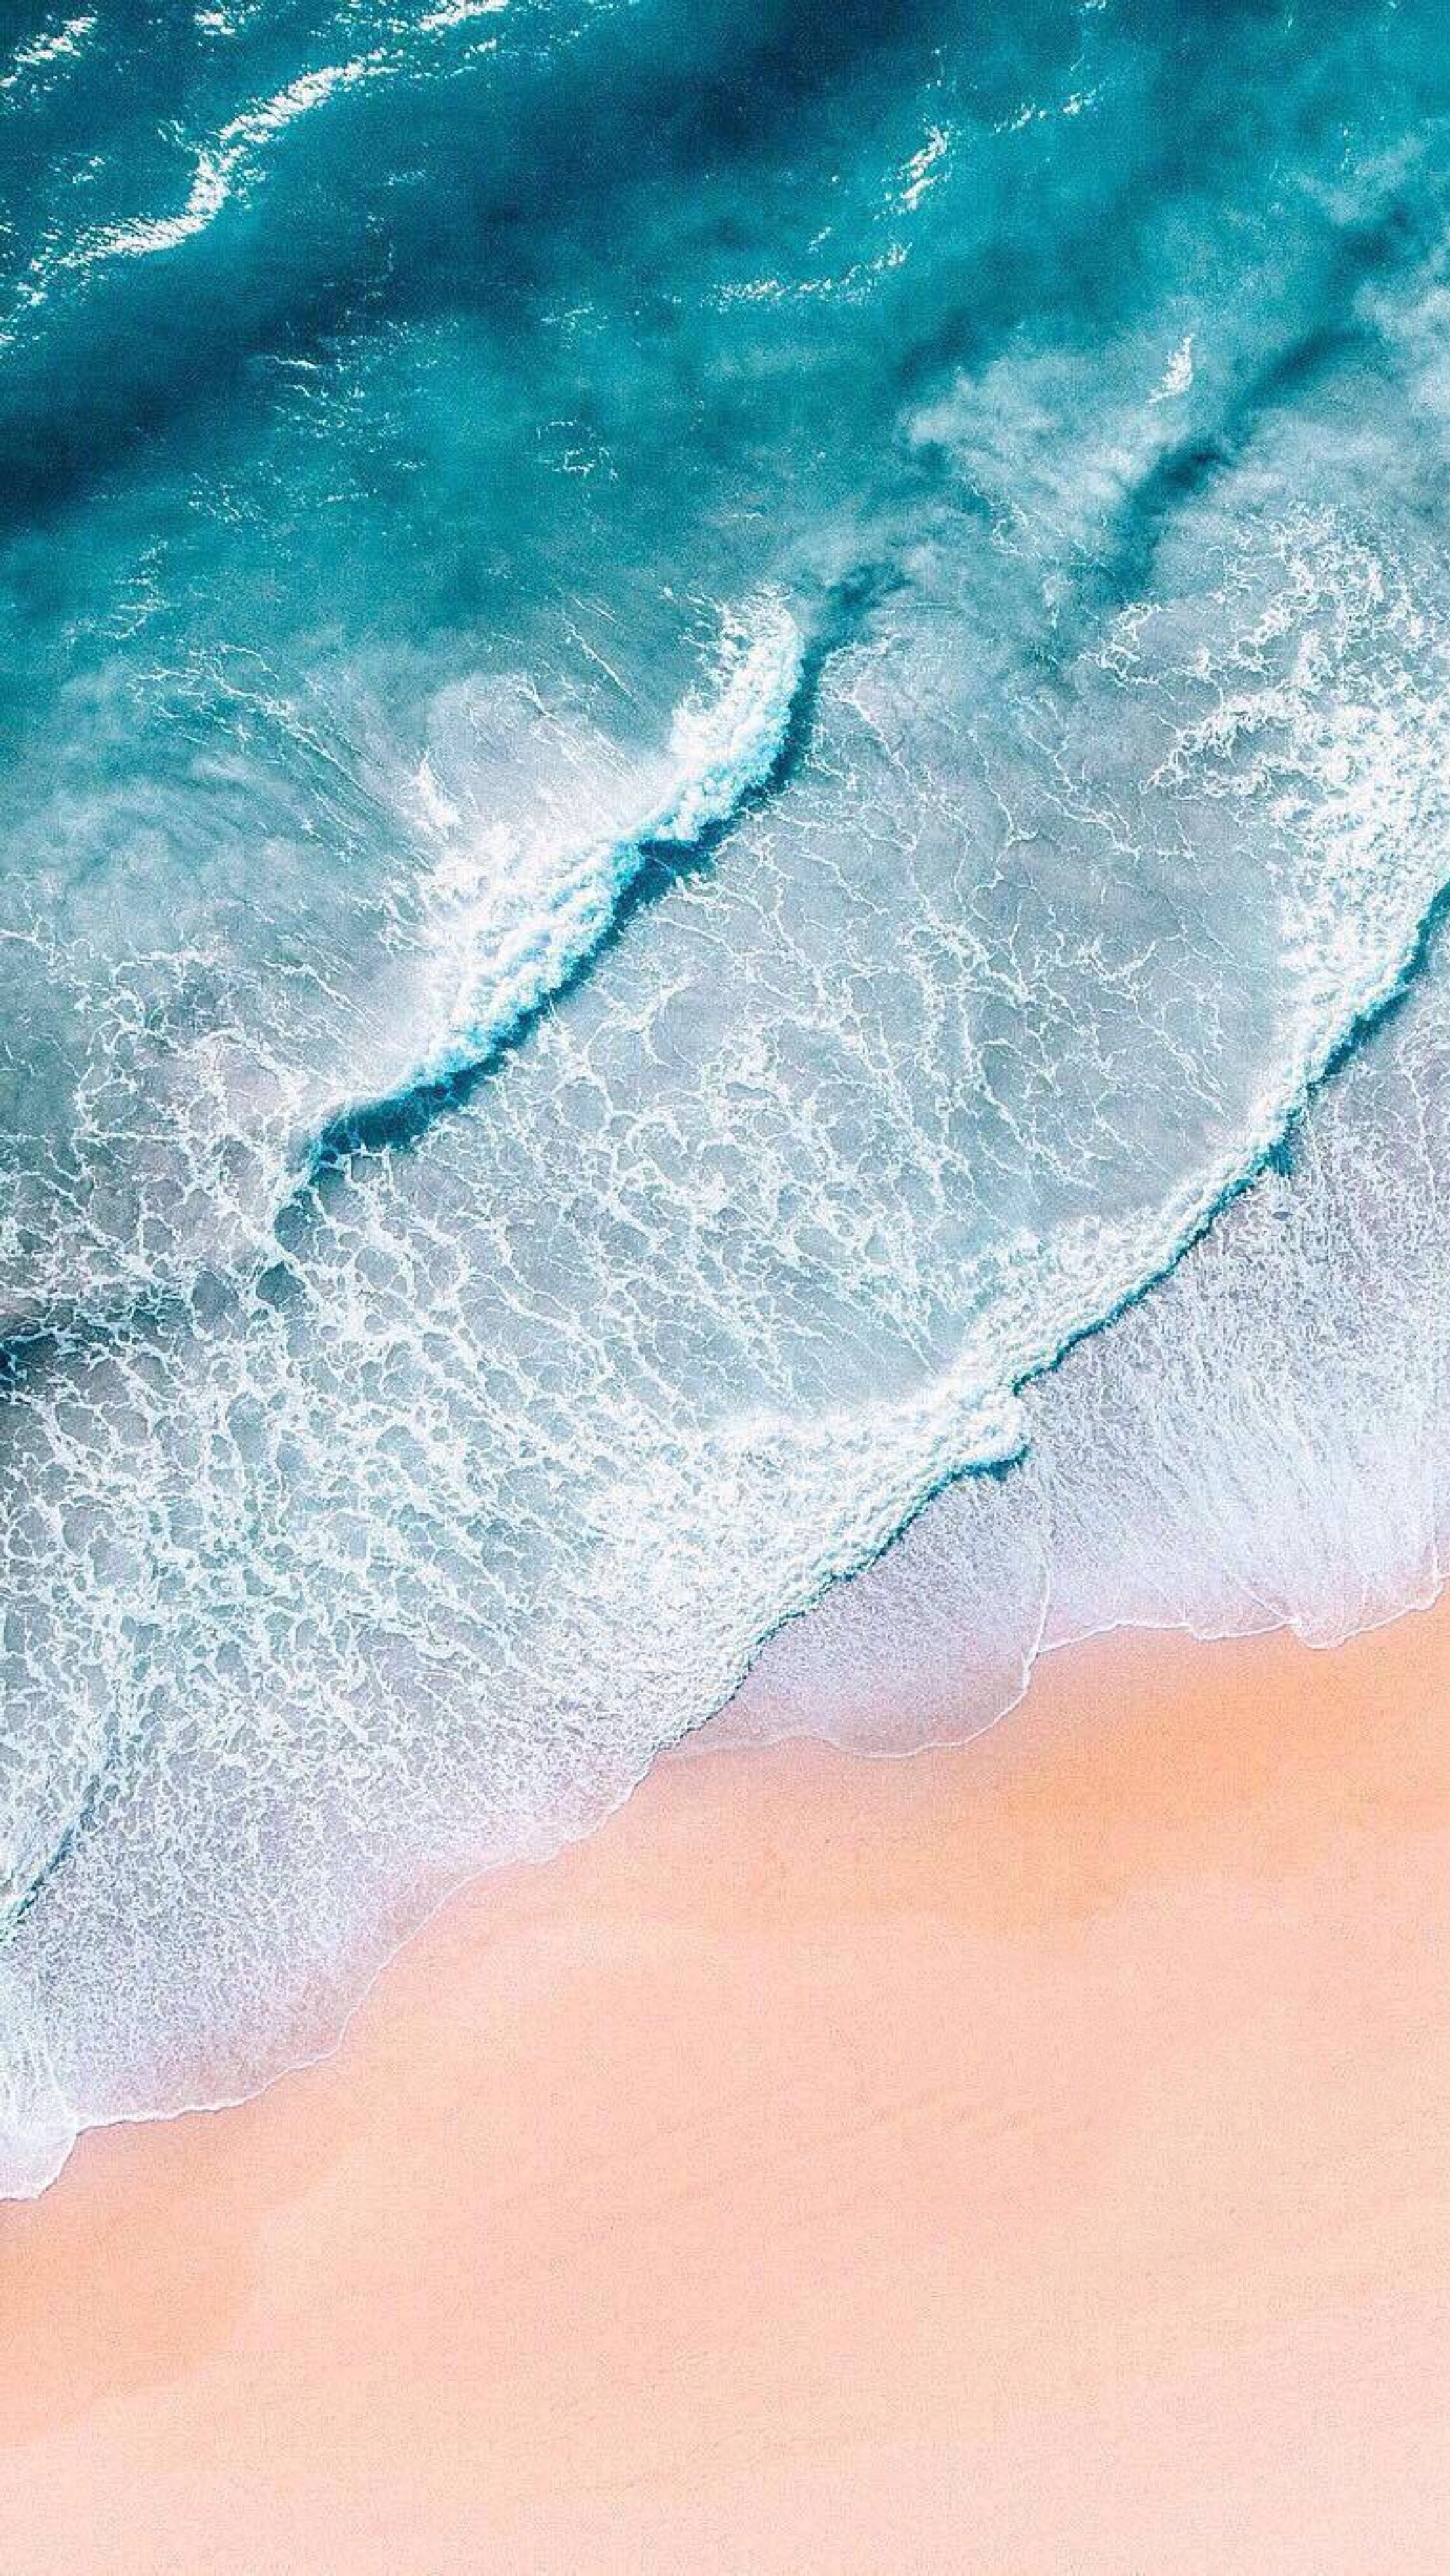 Pinterest Kaoriihayashii Wallpaper Homescreen Beautiful Wallpaper For Phone Waves Wallpaper Beach Waves Wallpaper